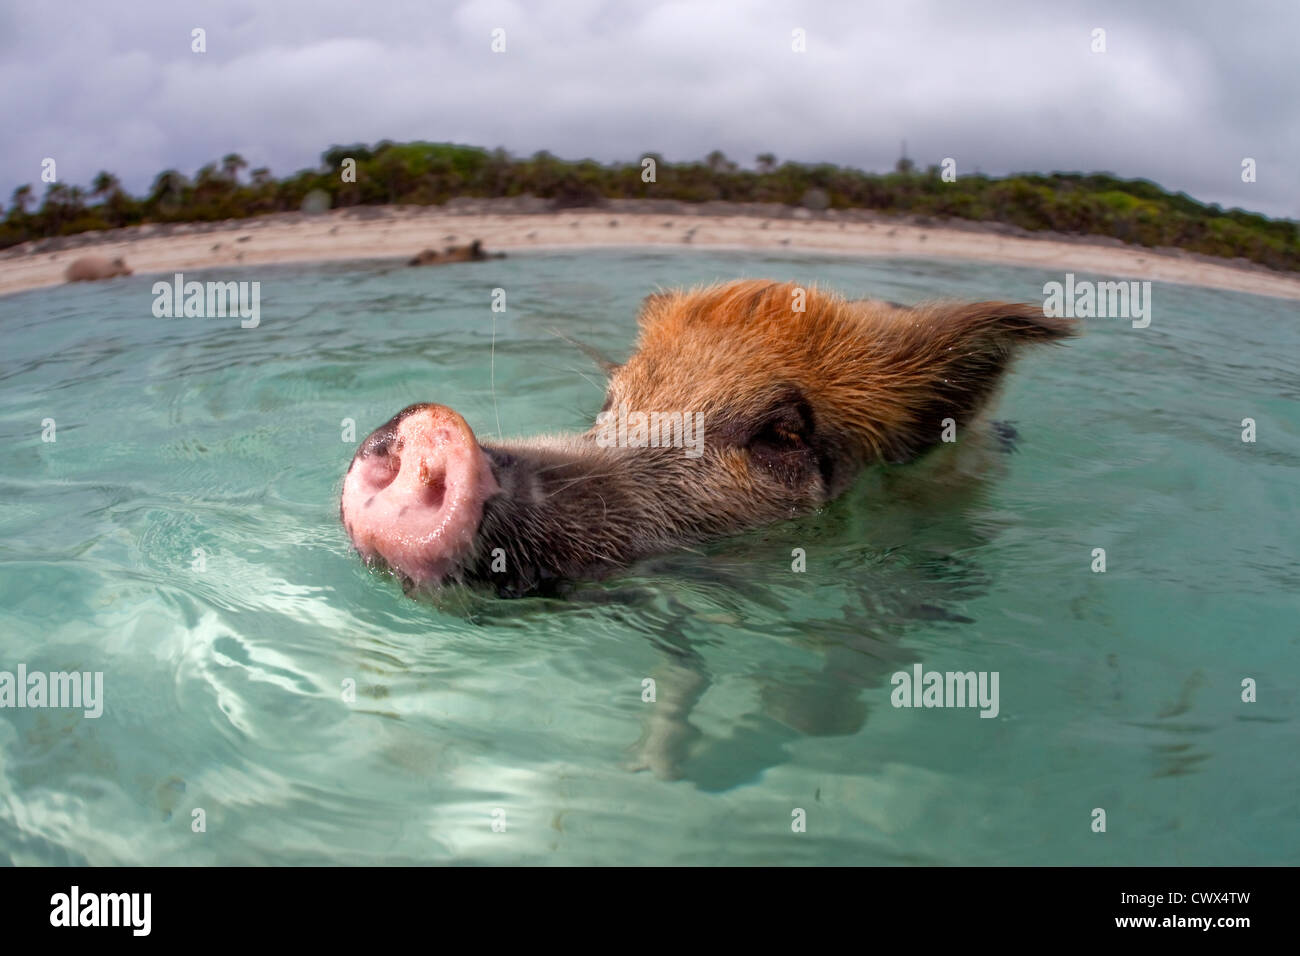 Ein Wildschwein schwimmt bis zu einem Boot voller Touristen Staniel Cay auf den Bahamas. Stockfoto